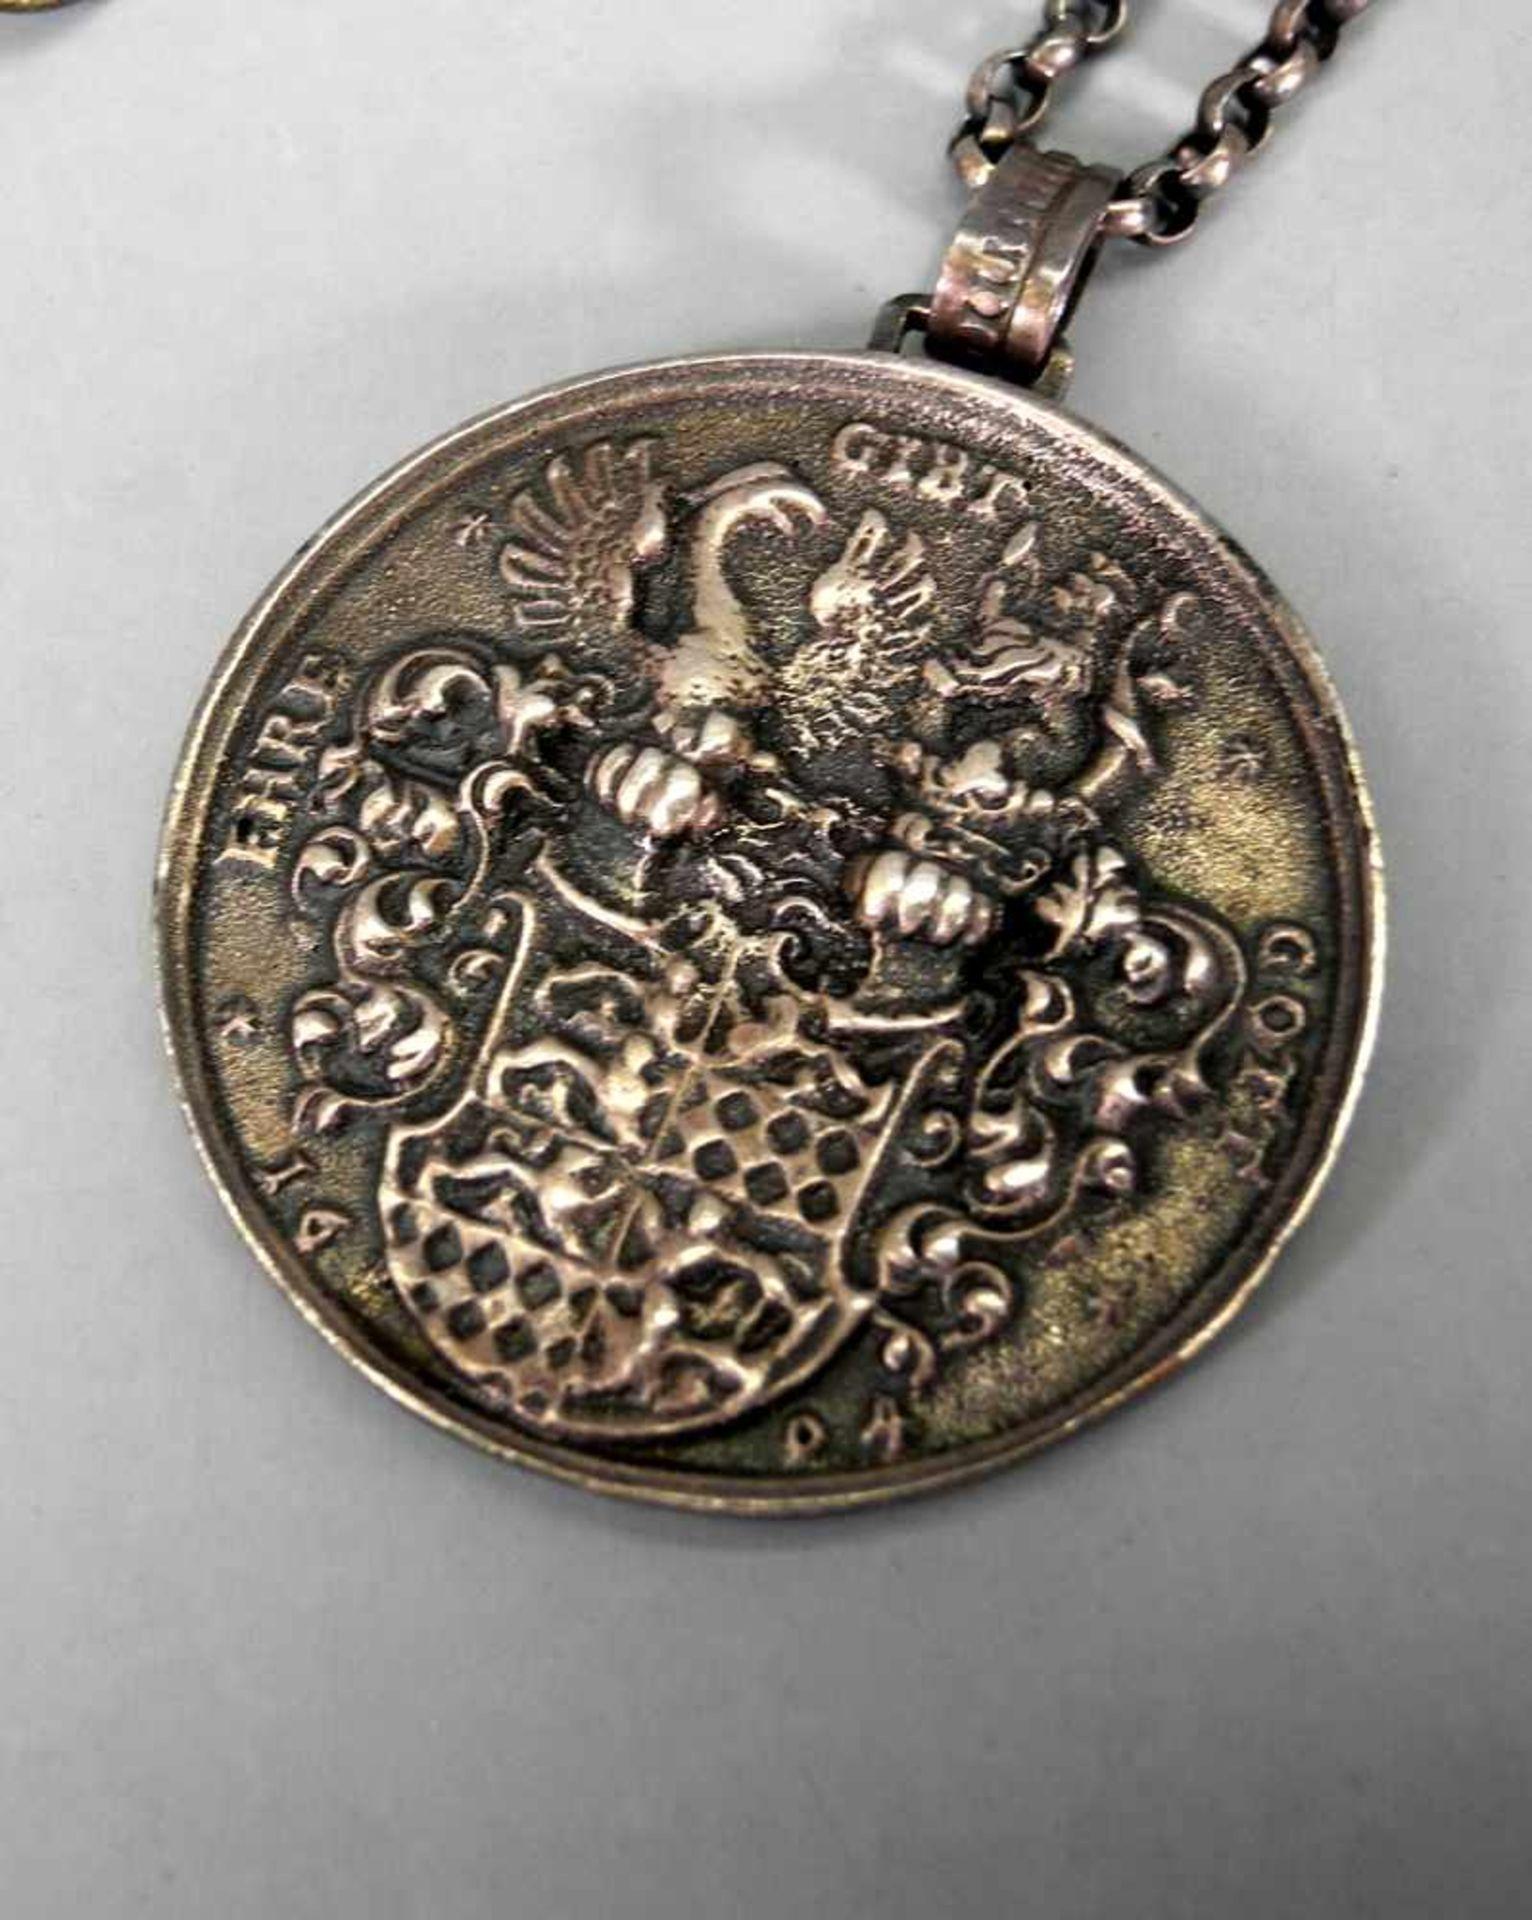 Trachtenschmuck-KonvolutSilber 800, 835 und Sterling. Das Konvolut besteht aus 14 Teil - Image 4 of 8